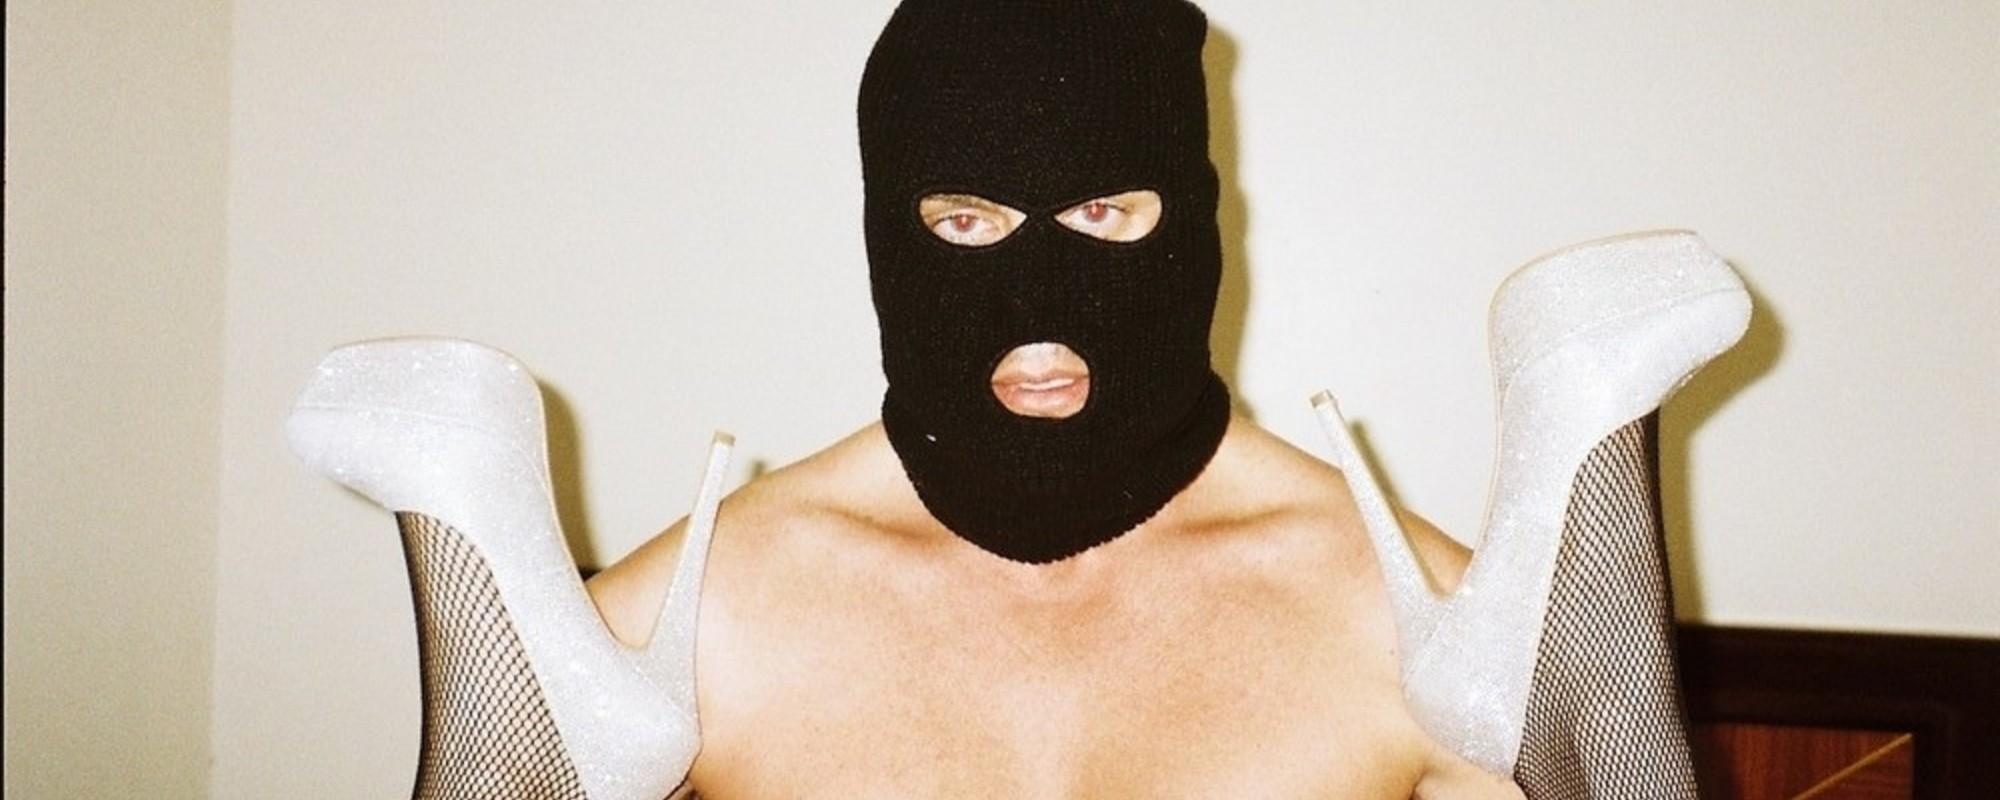 Fotografías de las orgías anónimas de Craiglist